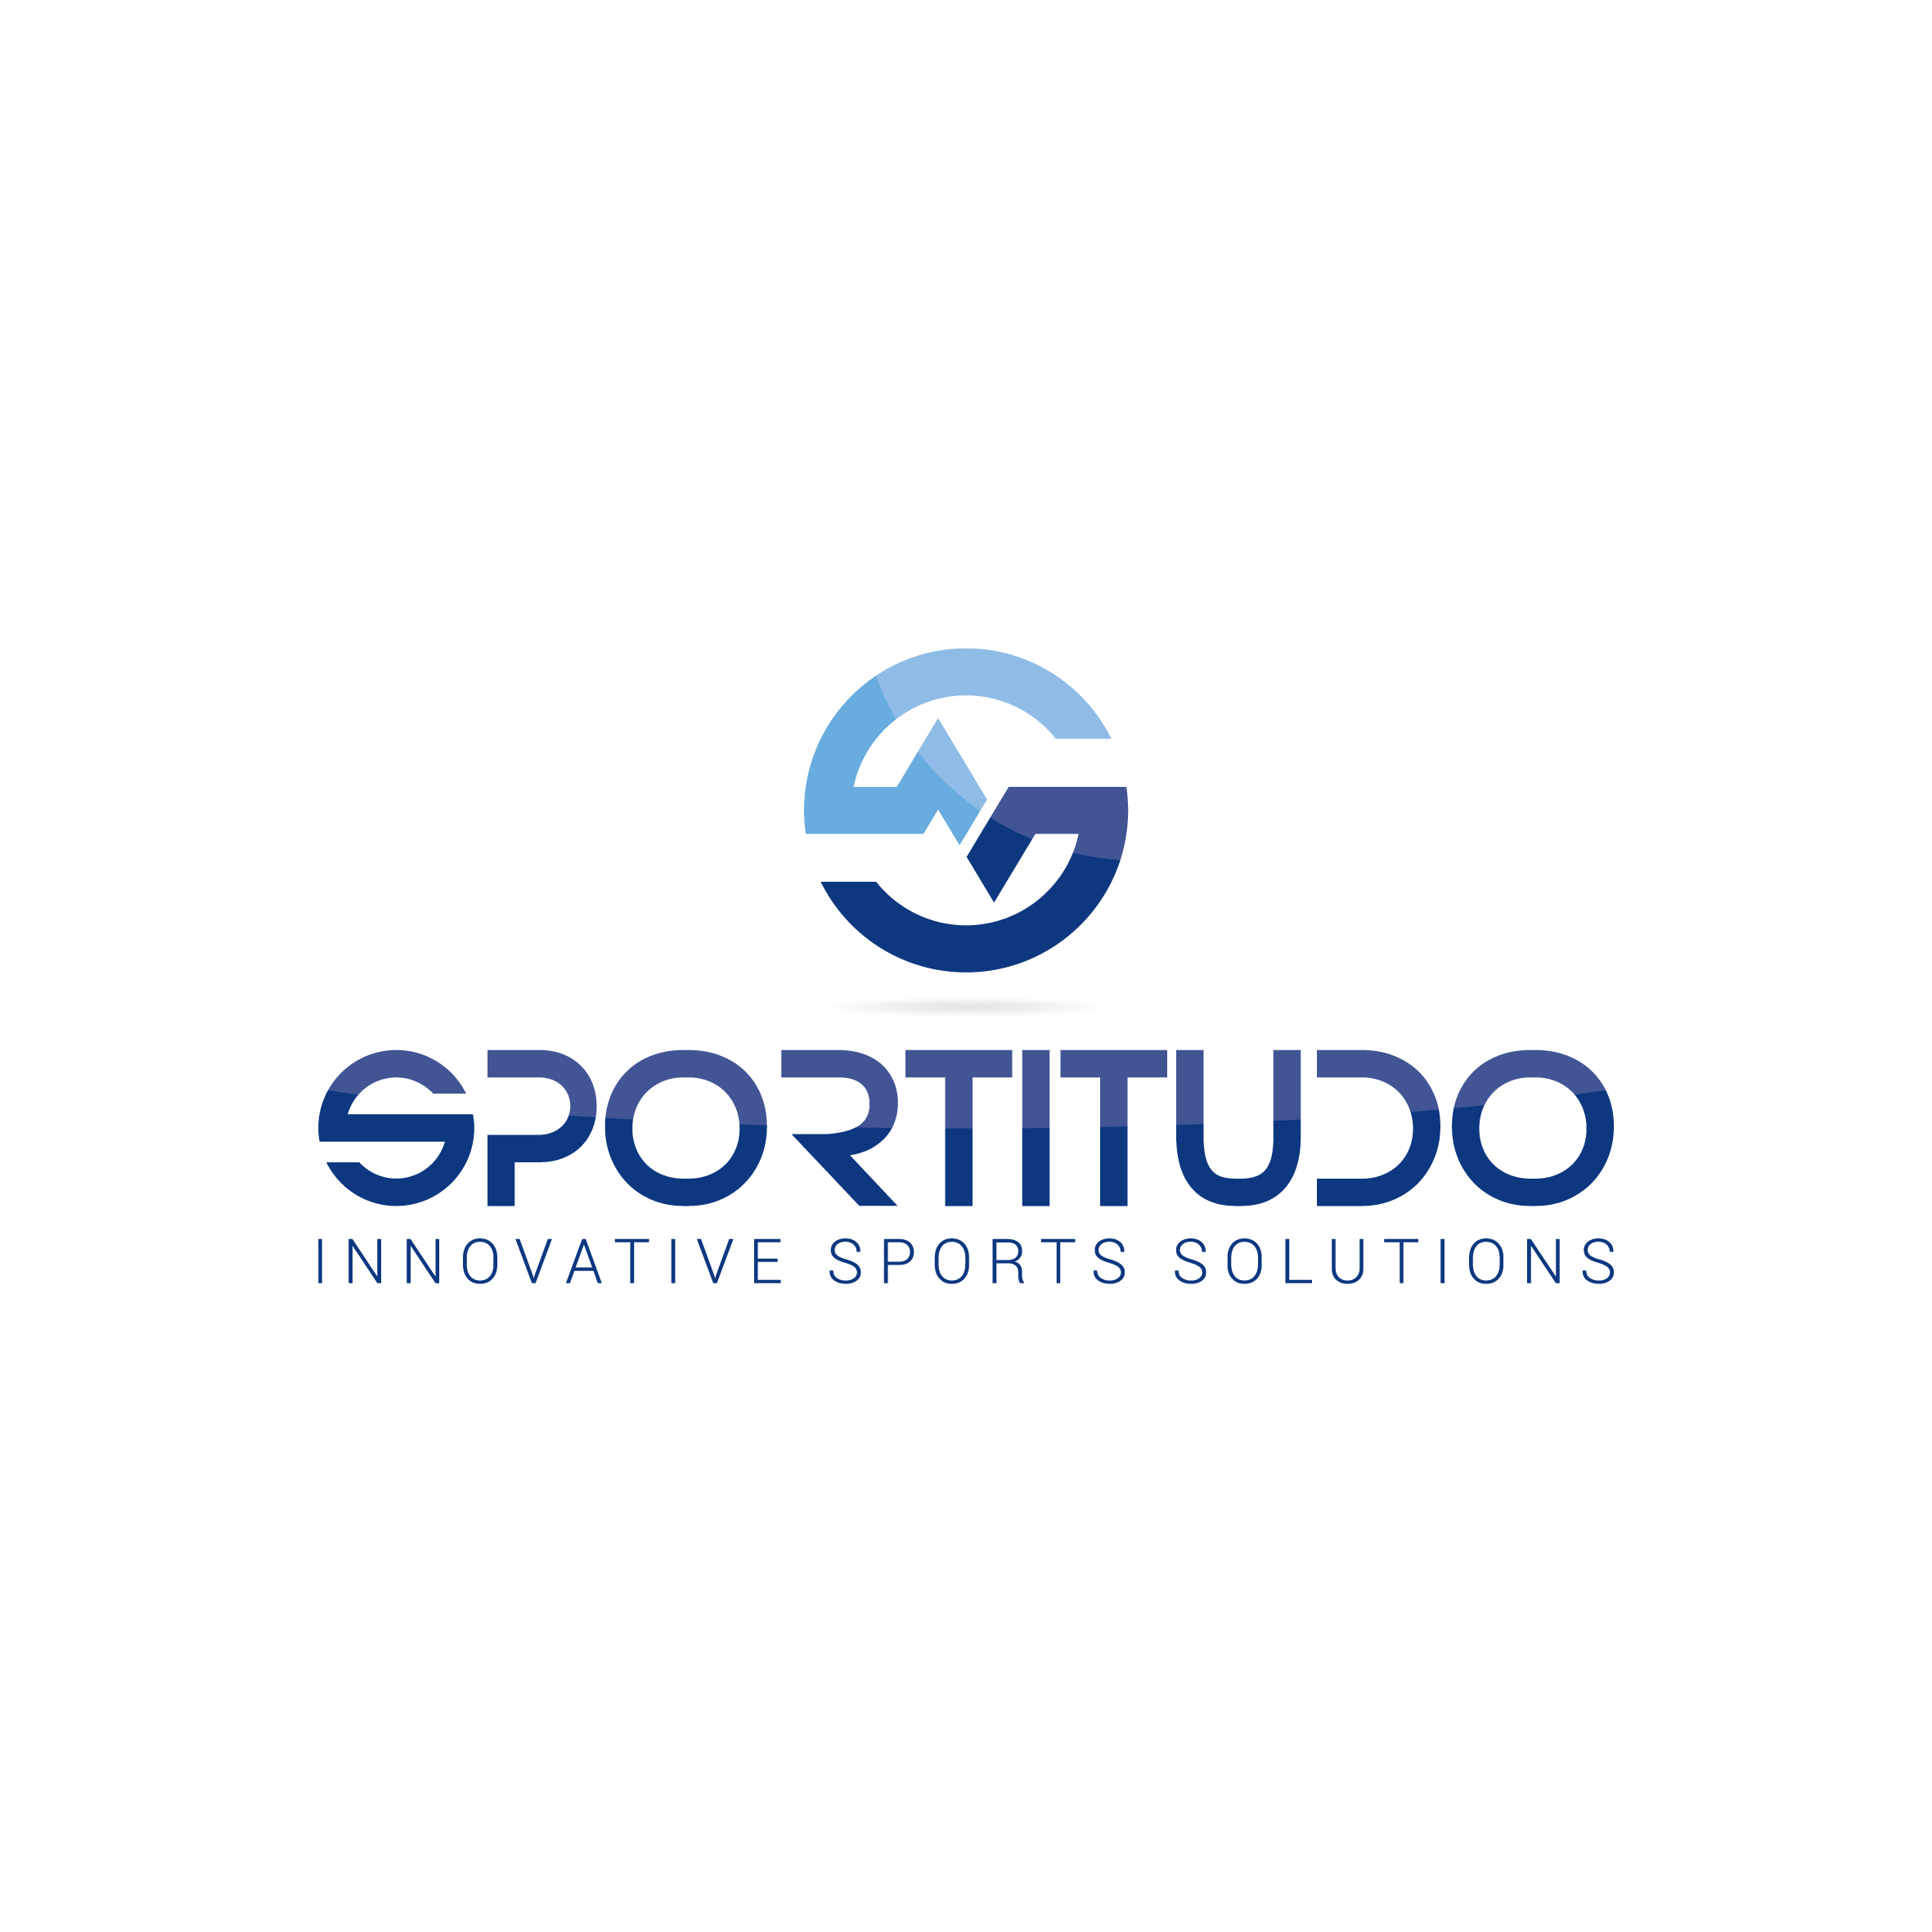 Sportitudo